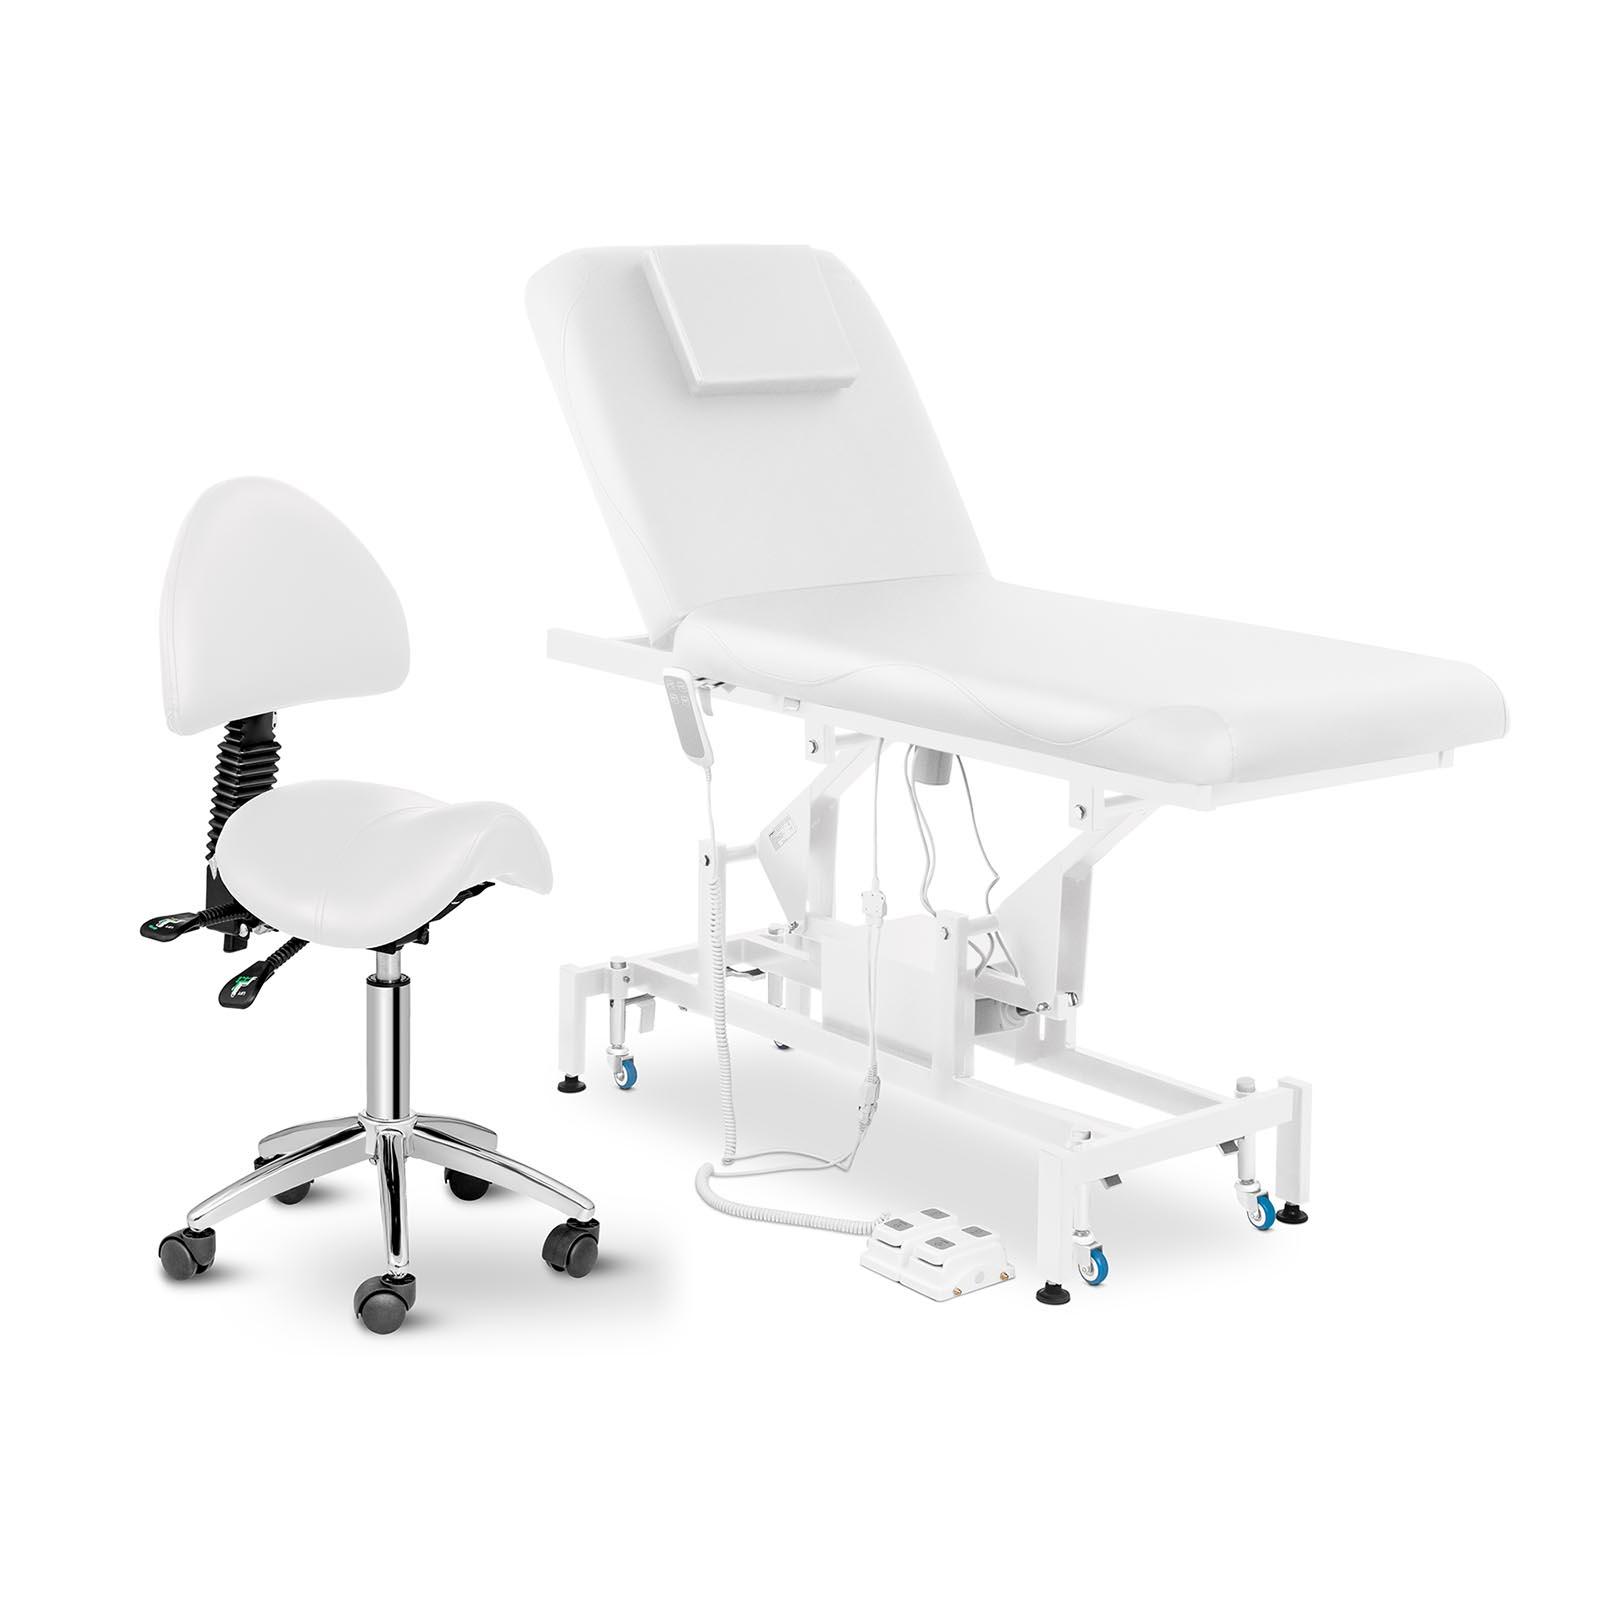 Zestaw Łóżko do masażu Physa Lyon White - białe + Krzesło siodłowe Berlin - białe - oparcie